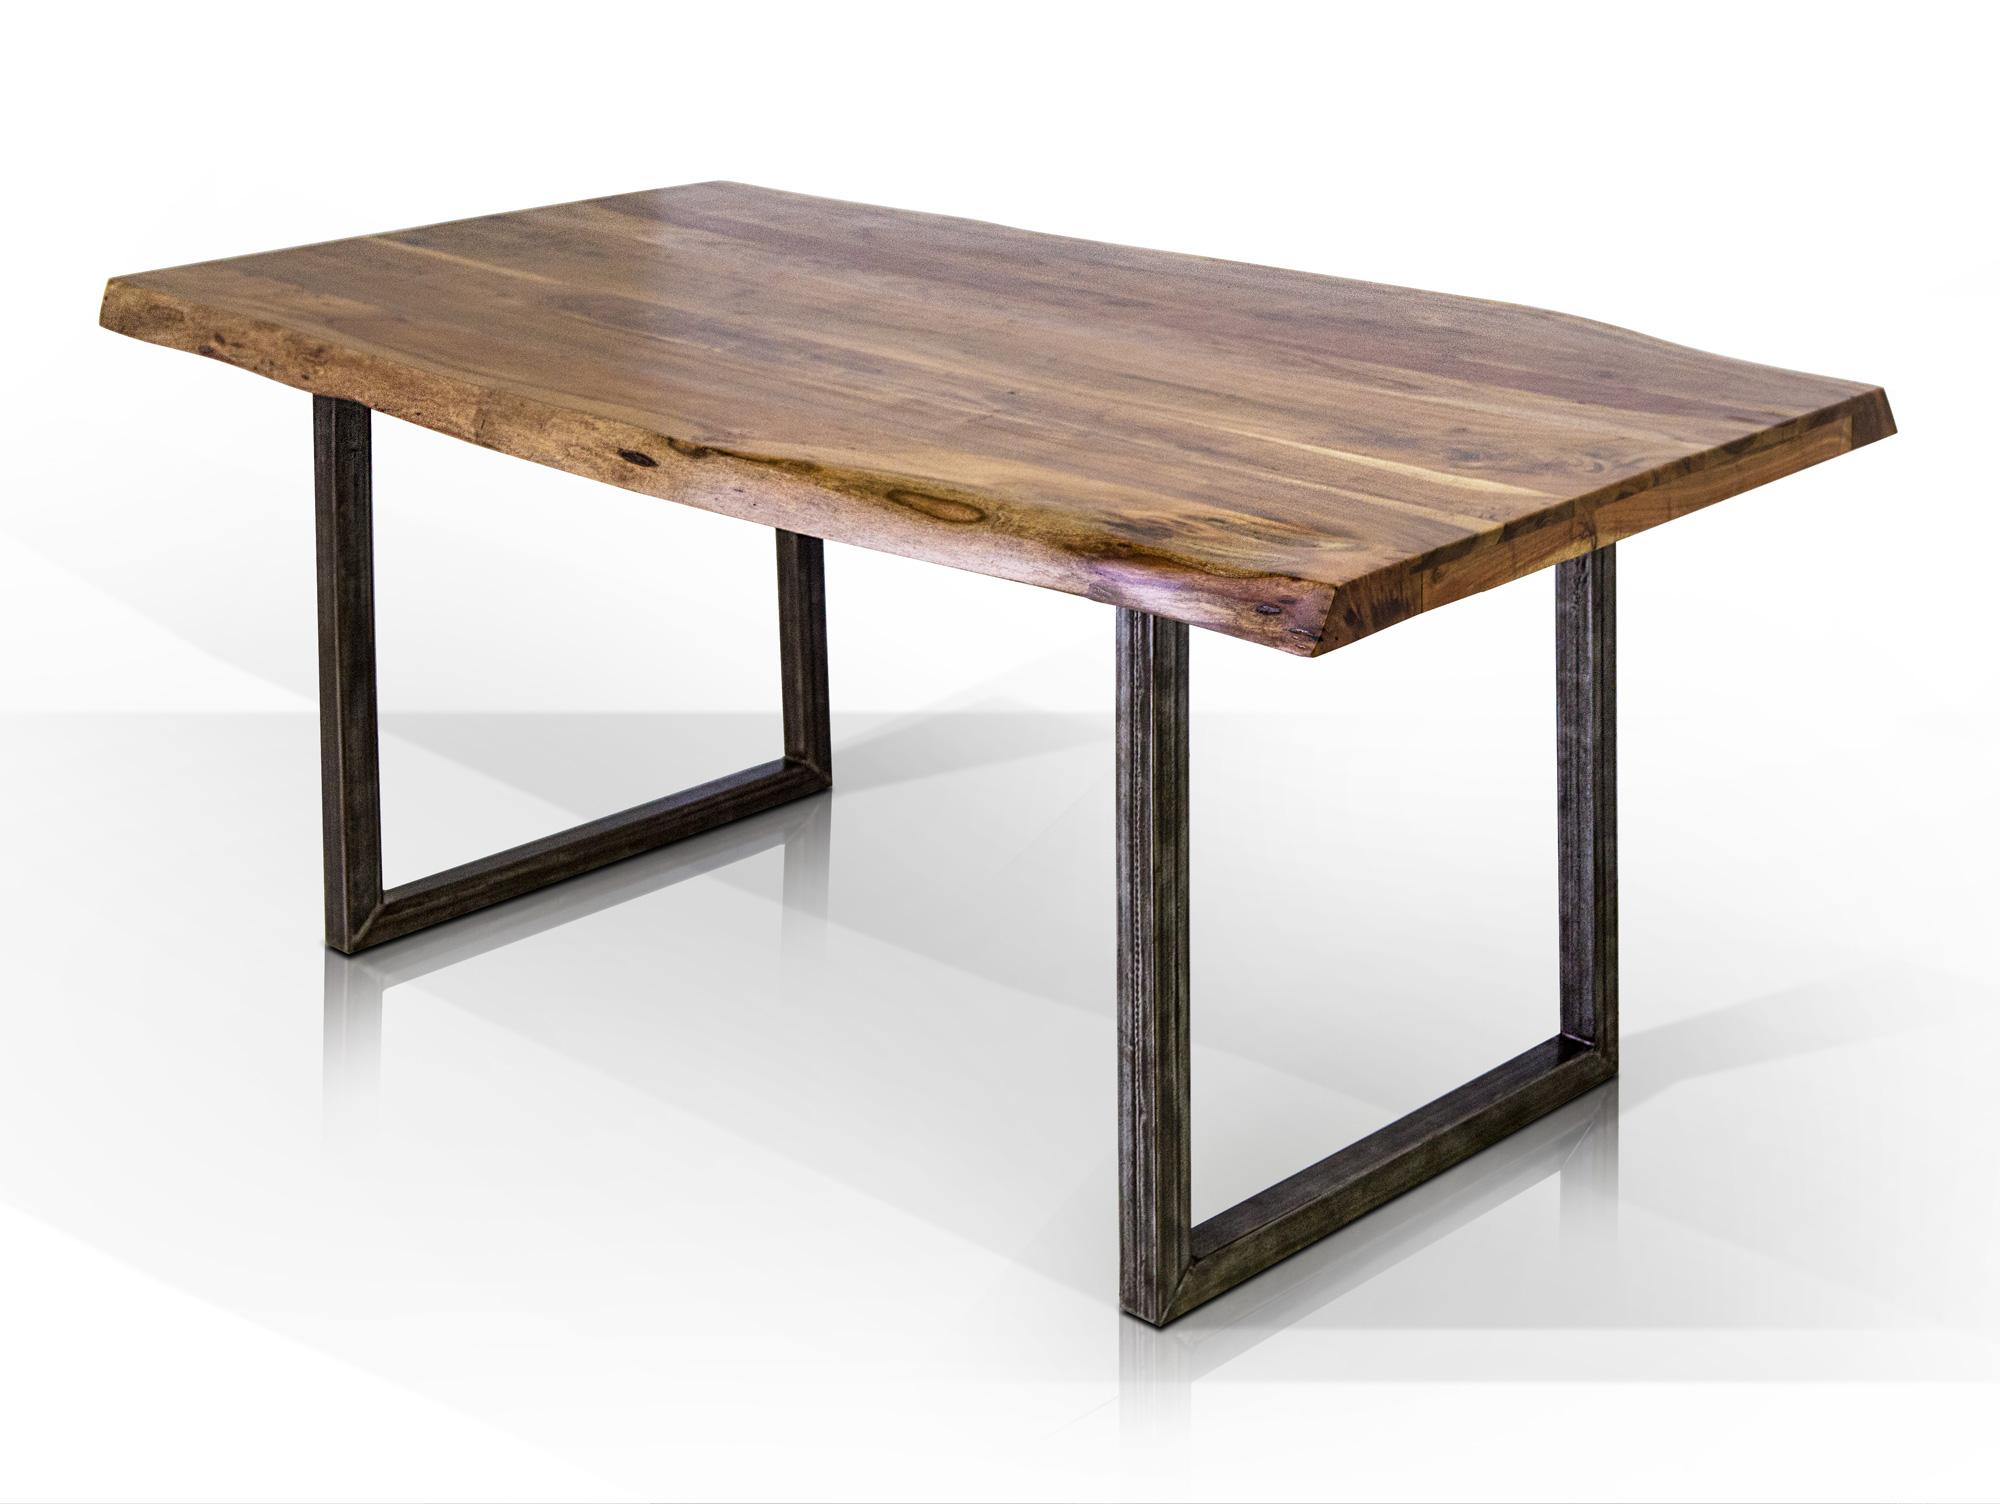 Esstisch gera esstisch mit baumkante tisch massivholztisch mit kufen akazie